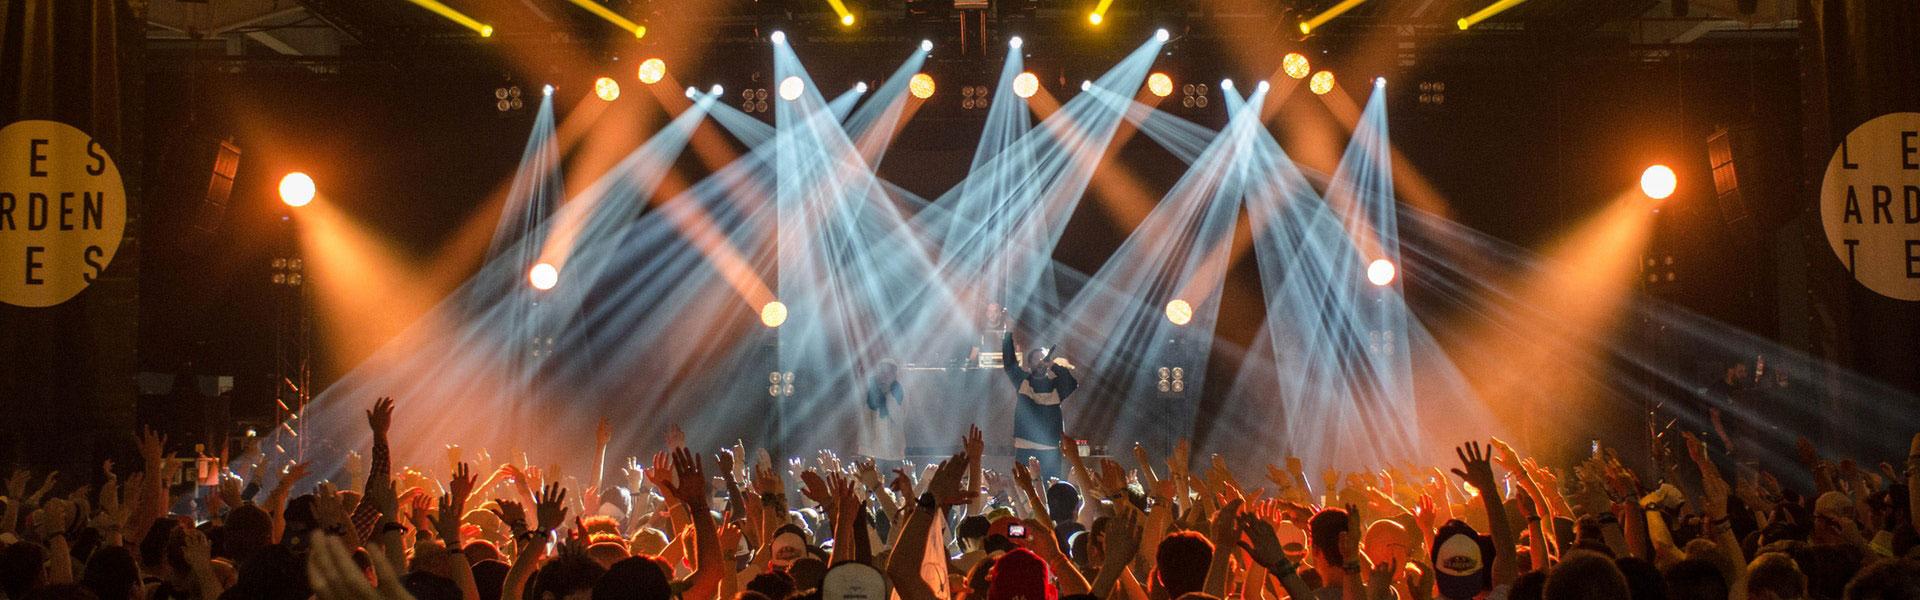 Tổ chức sự kiện Hải Phòng - Cung cấp MC Hải Phòng - Tổ chức chạy RoadShow Hải Phòng - Cung cấp nhóm nhảy Hải Phòng - Hoàng Nam Event 0973609092 - HOANGNAMEVENT.COM